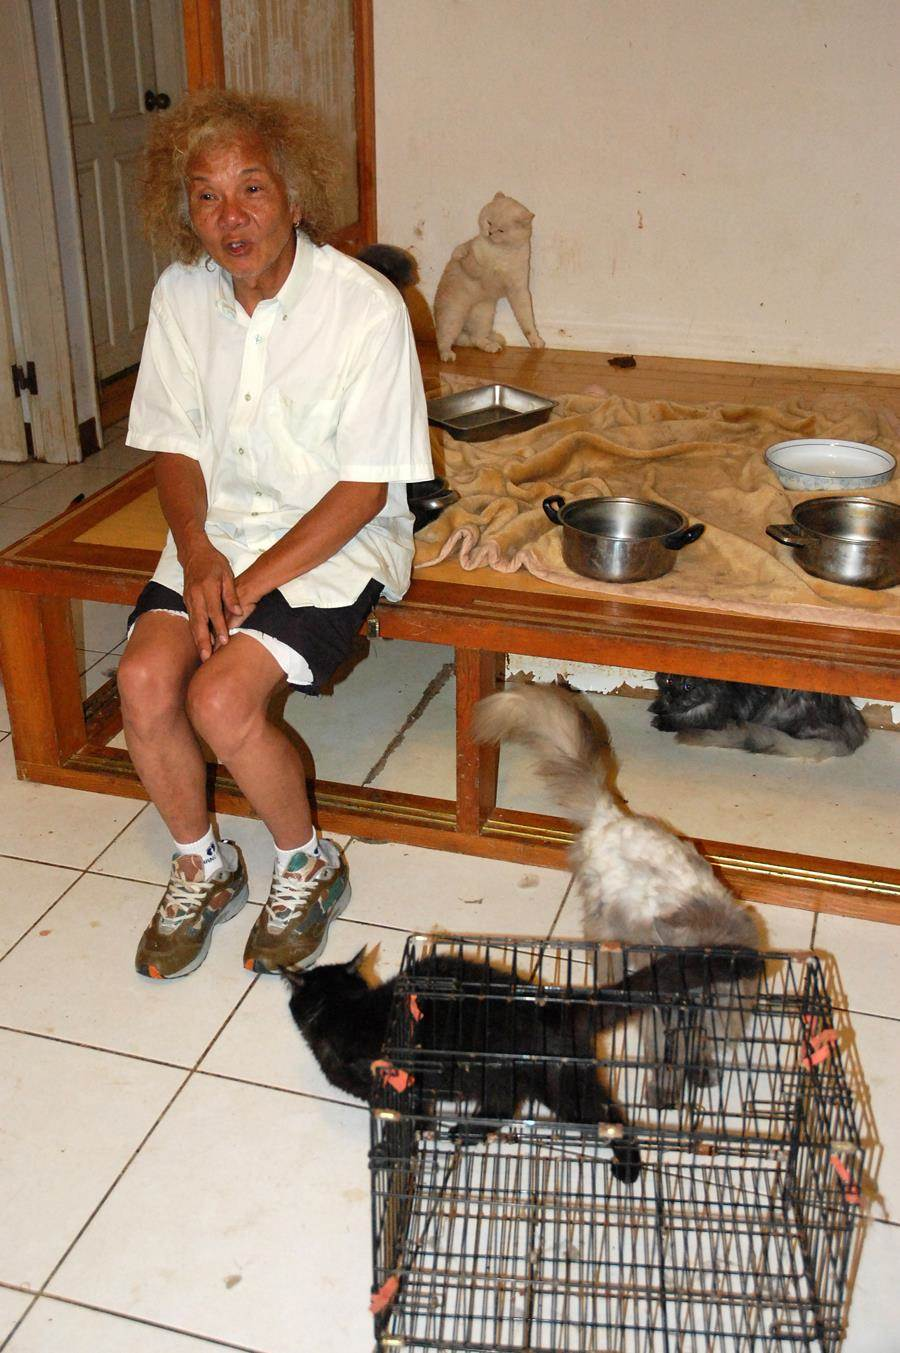 3年前曾因破屋救貓,還在鏡頭前不捨落淚,人稱「貓爺爺」的黃天恩(圖)如今被踢爆假認養真詐財劣行。(楊明峰翻攝)